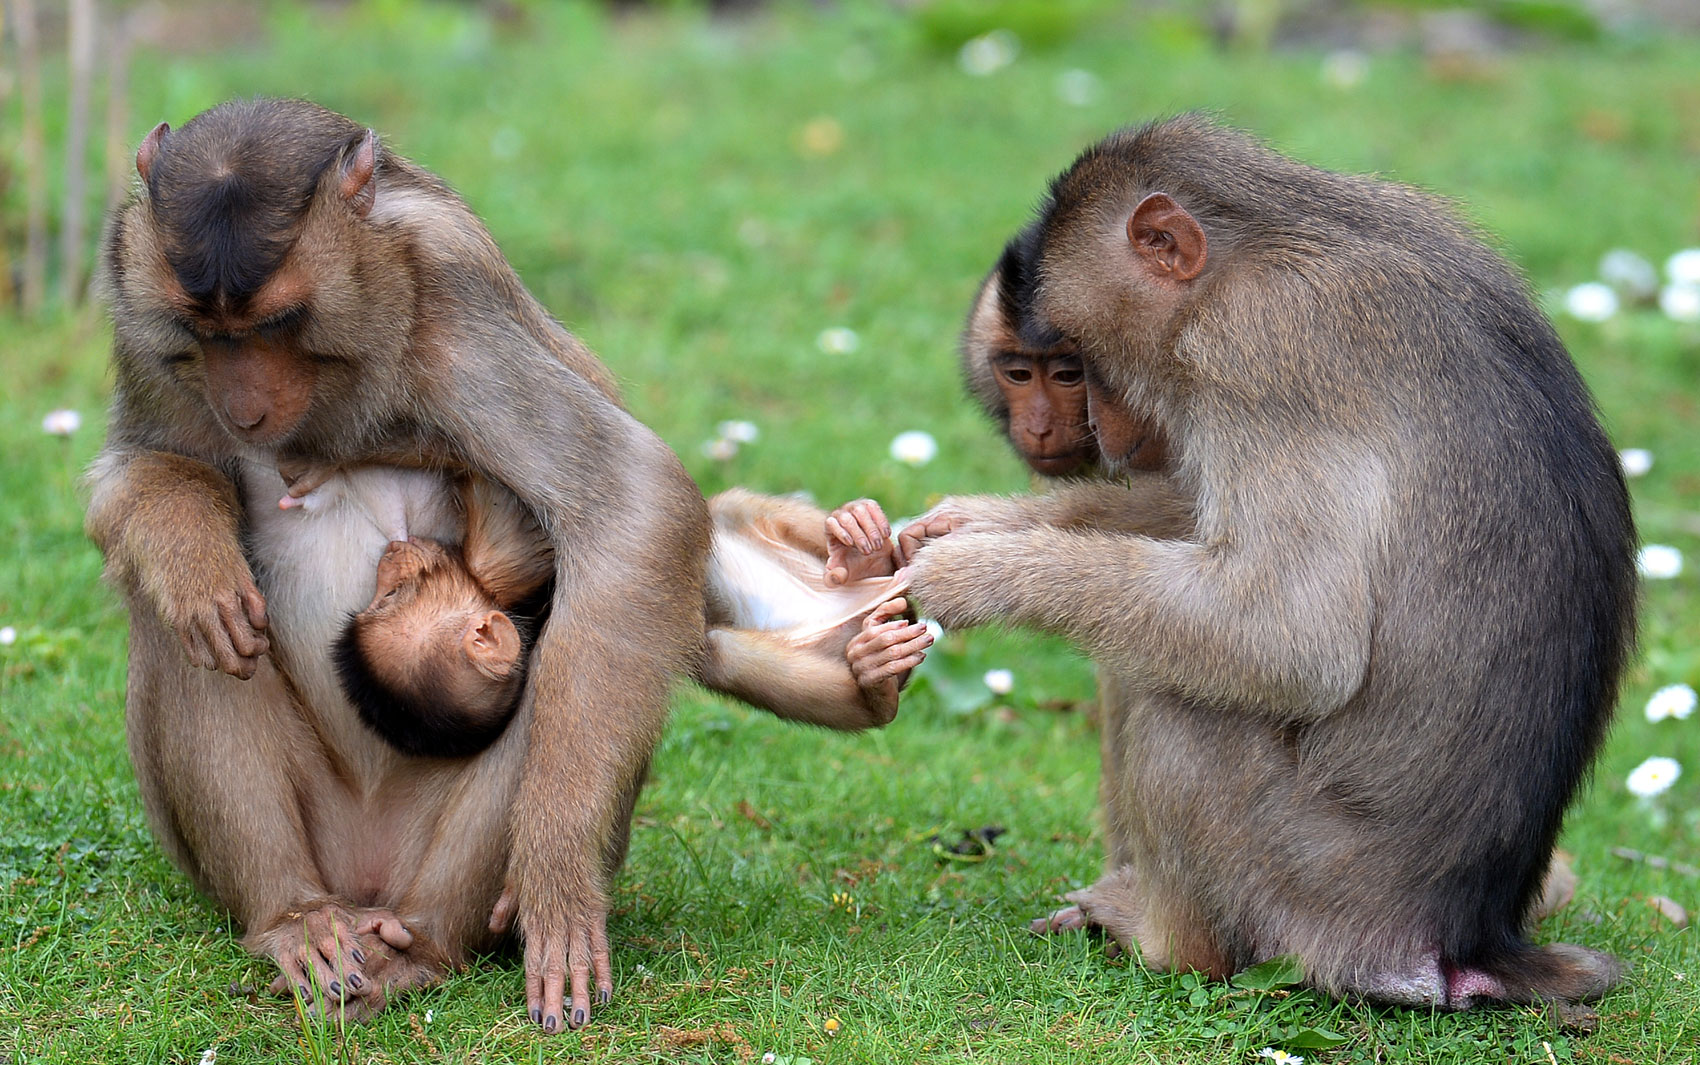 Filhotes de macaco provocam risadas em zoo alemão - fotos em Natureza ...: g1.globo.com/natureza/fotos/2013/05/filhotes-de-macaco-provocam...